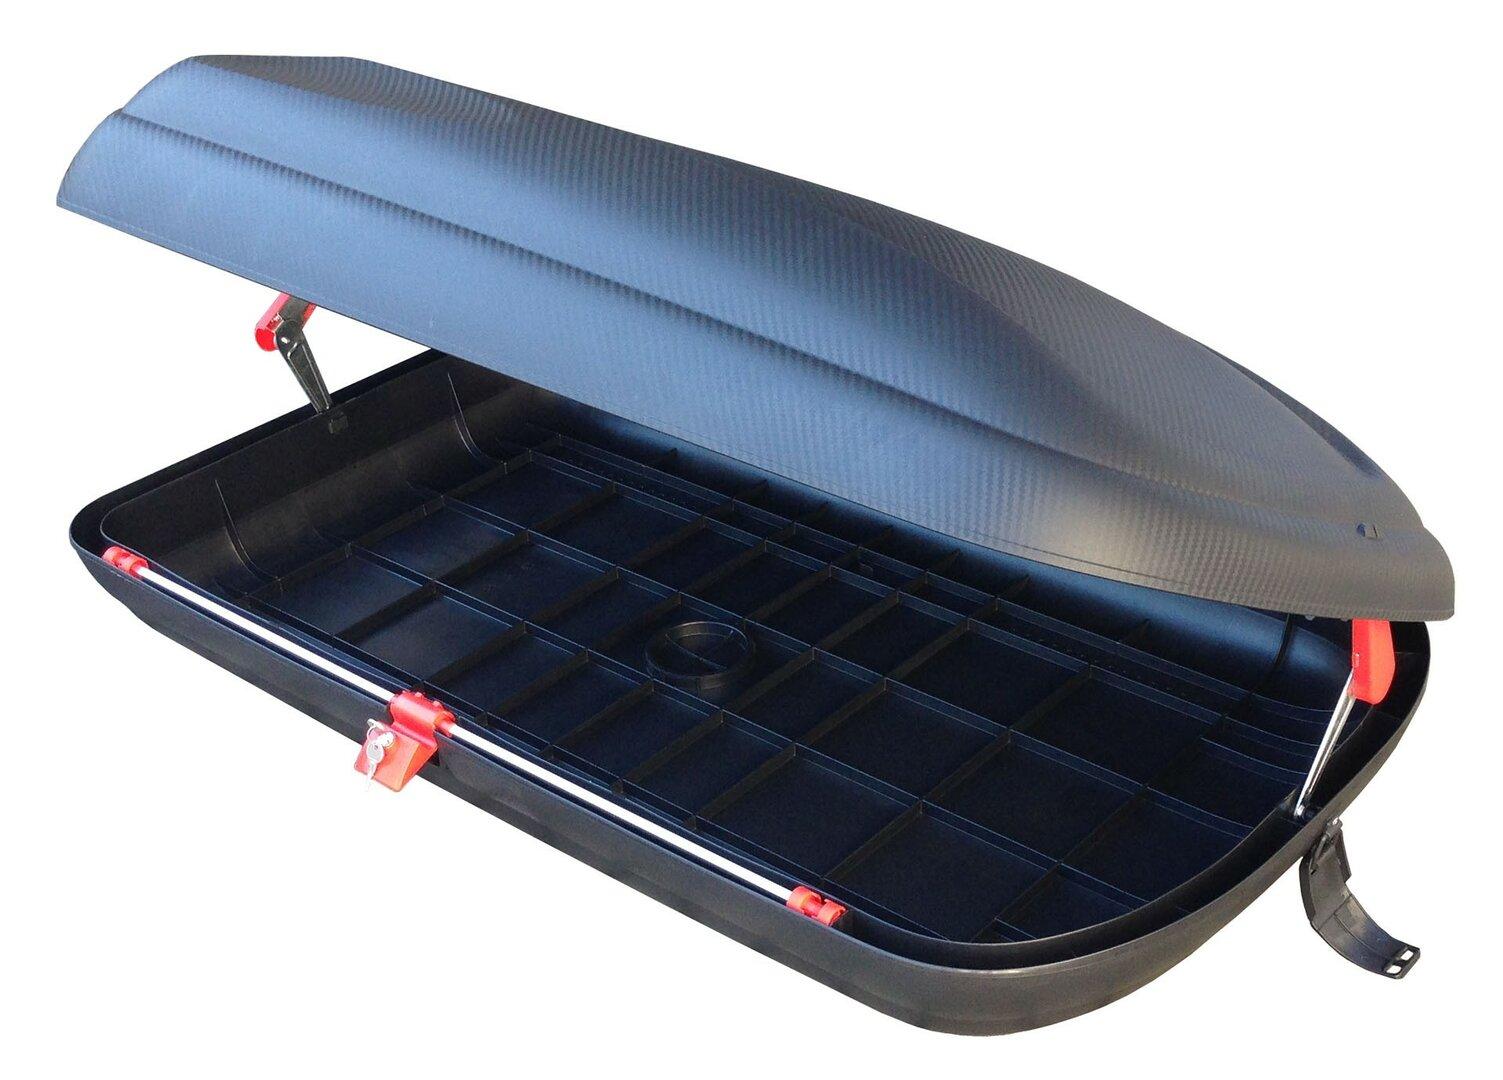 Černý střešní box Linea Carbon - objem 320 l, délka 132 cm, šířka 77,8 cm a výška 34,5 cm